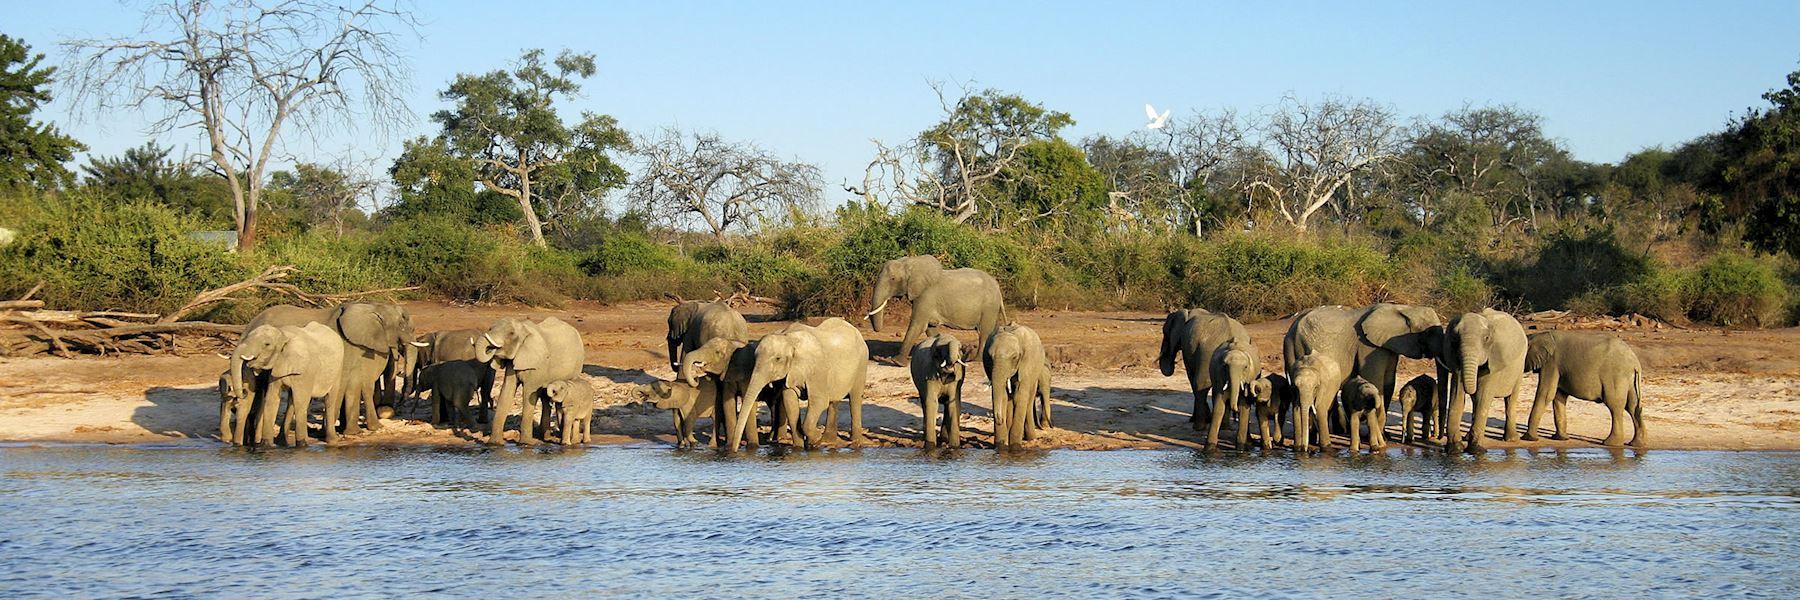 Visit Mana Pools National Park, Zimbabwe